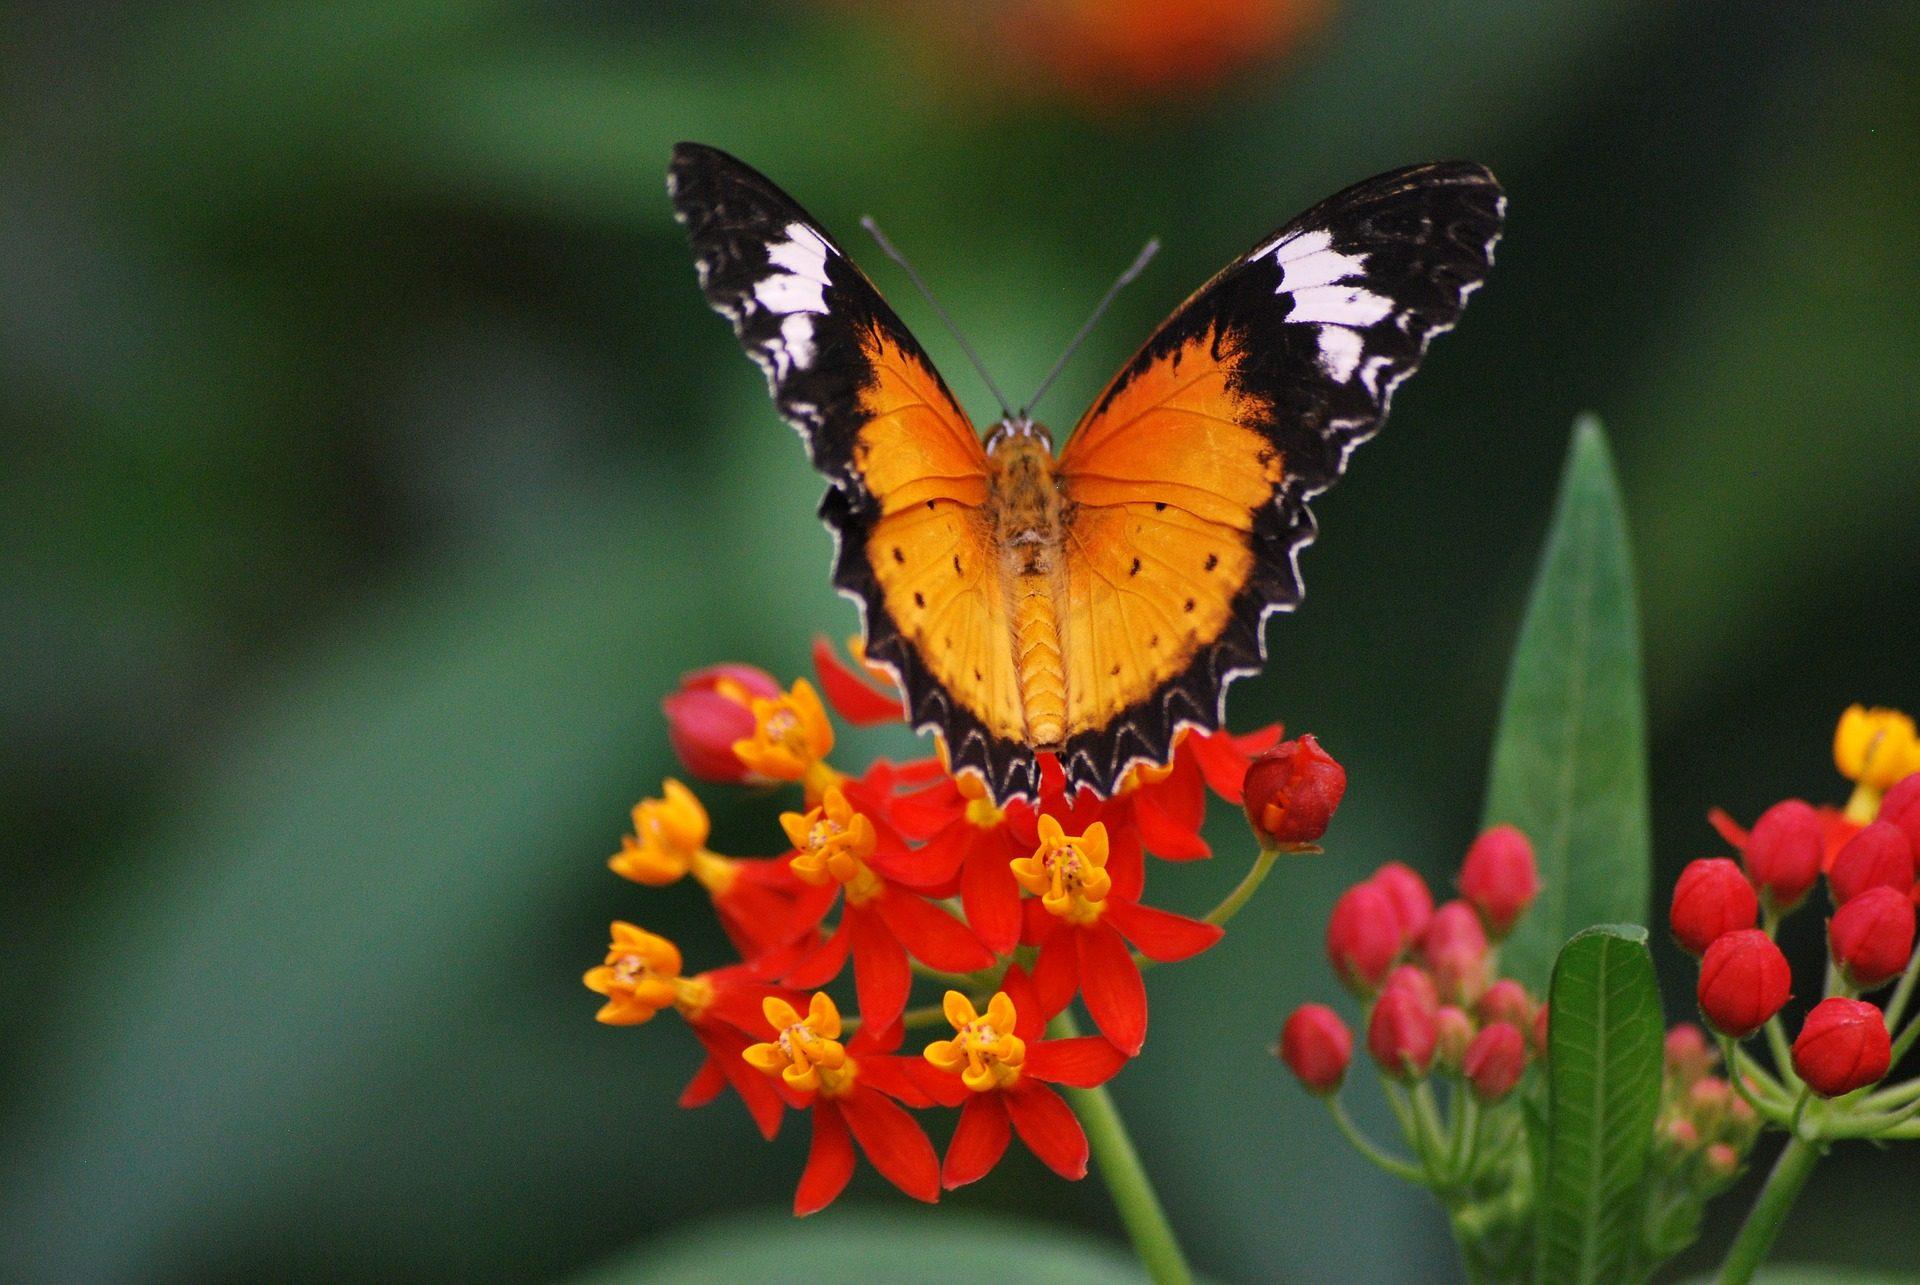 فراشة, زهرة, ,تلات, حشرة, أجنحة, ملون - خلفيات عالية الدقة - أستاذ falken.com